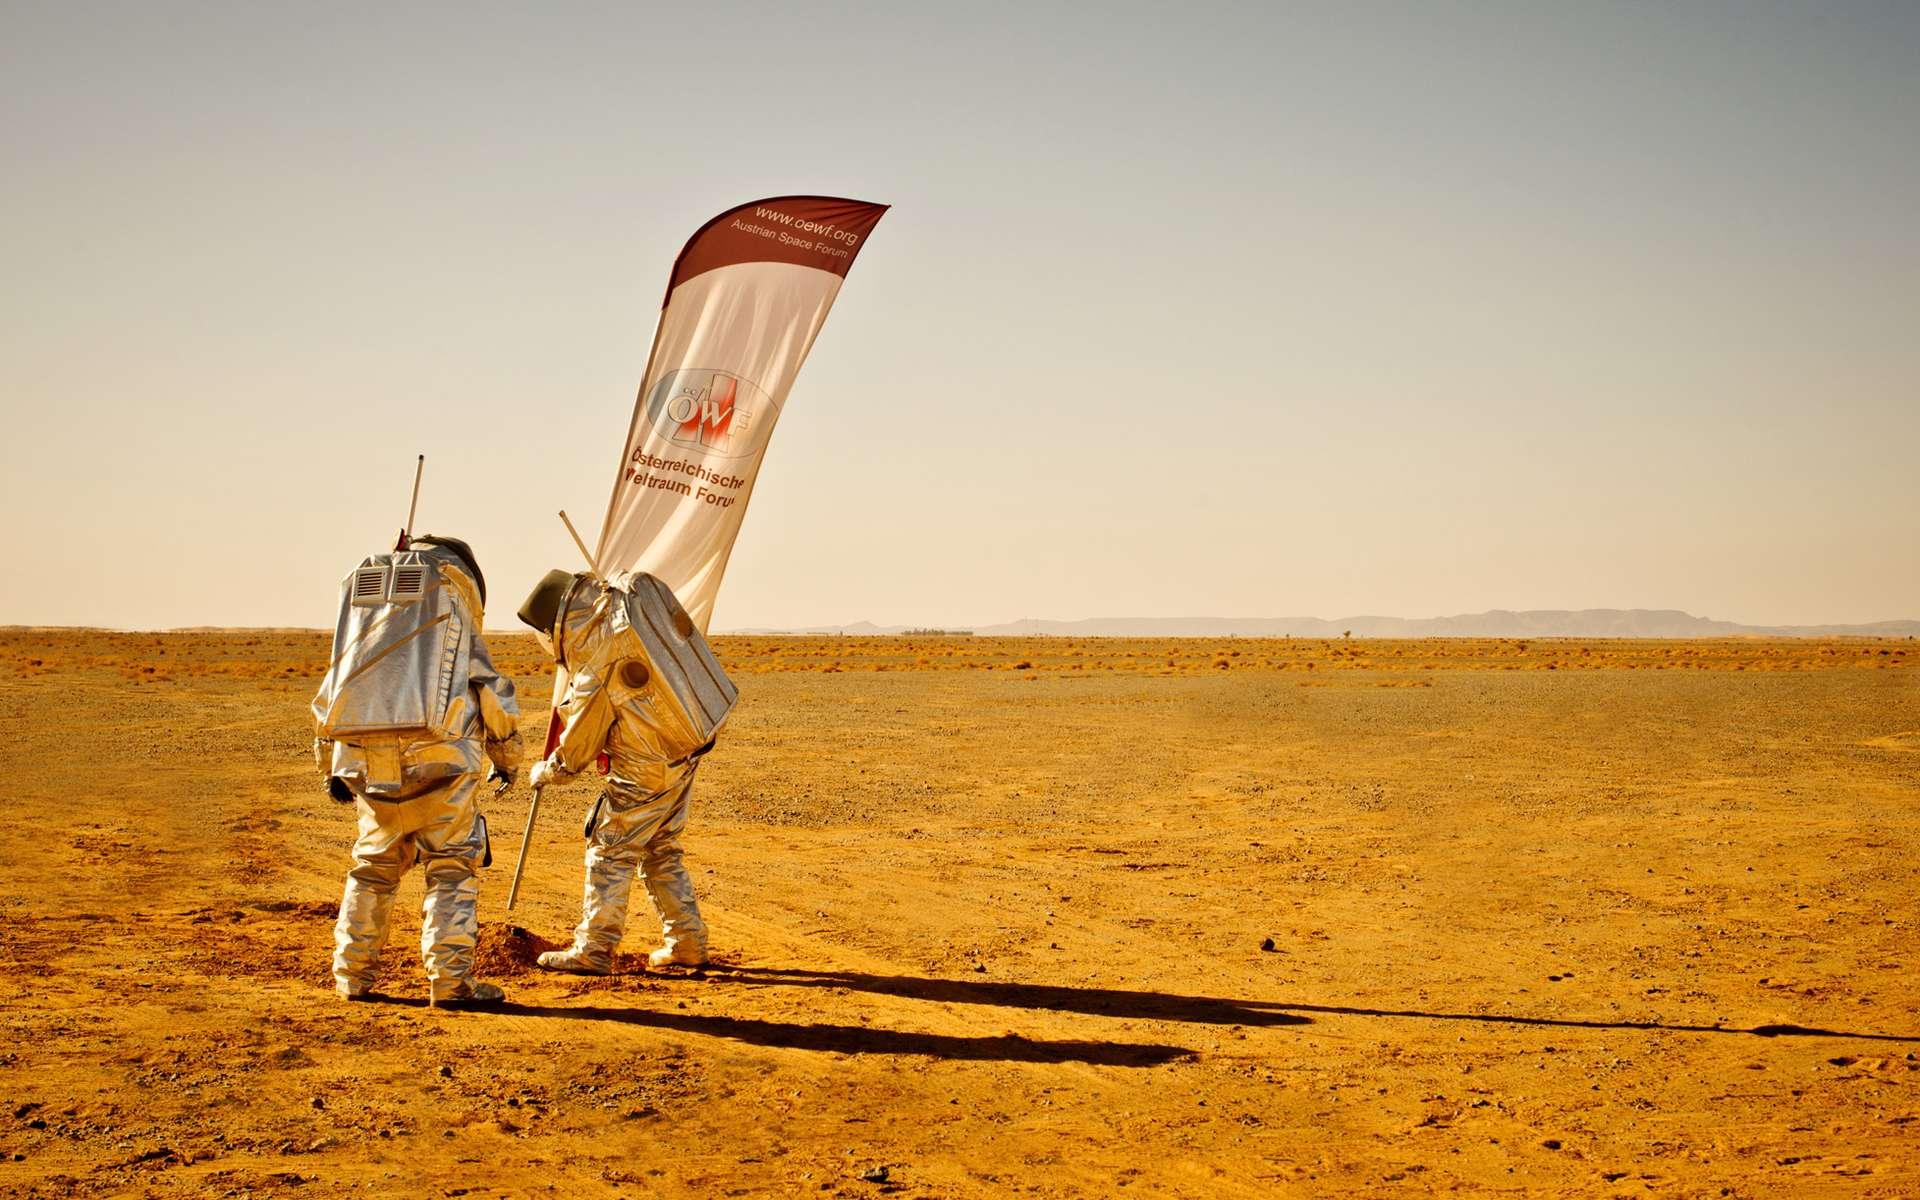 Le Forum autrichien de l'espace (ÖWF), une association de volontaires du spatial et dirigée par des professionnels du domaine, a réalisé pendant un mois au Maroc une série d'expérimentations et de simulations d'activités martiennes (humaines et robotiques). © ÖWF, Katja Zanella-Ku